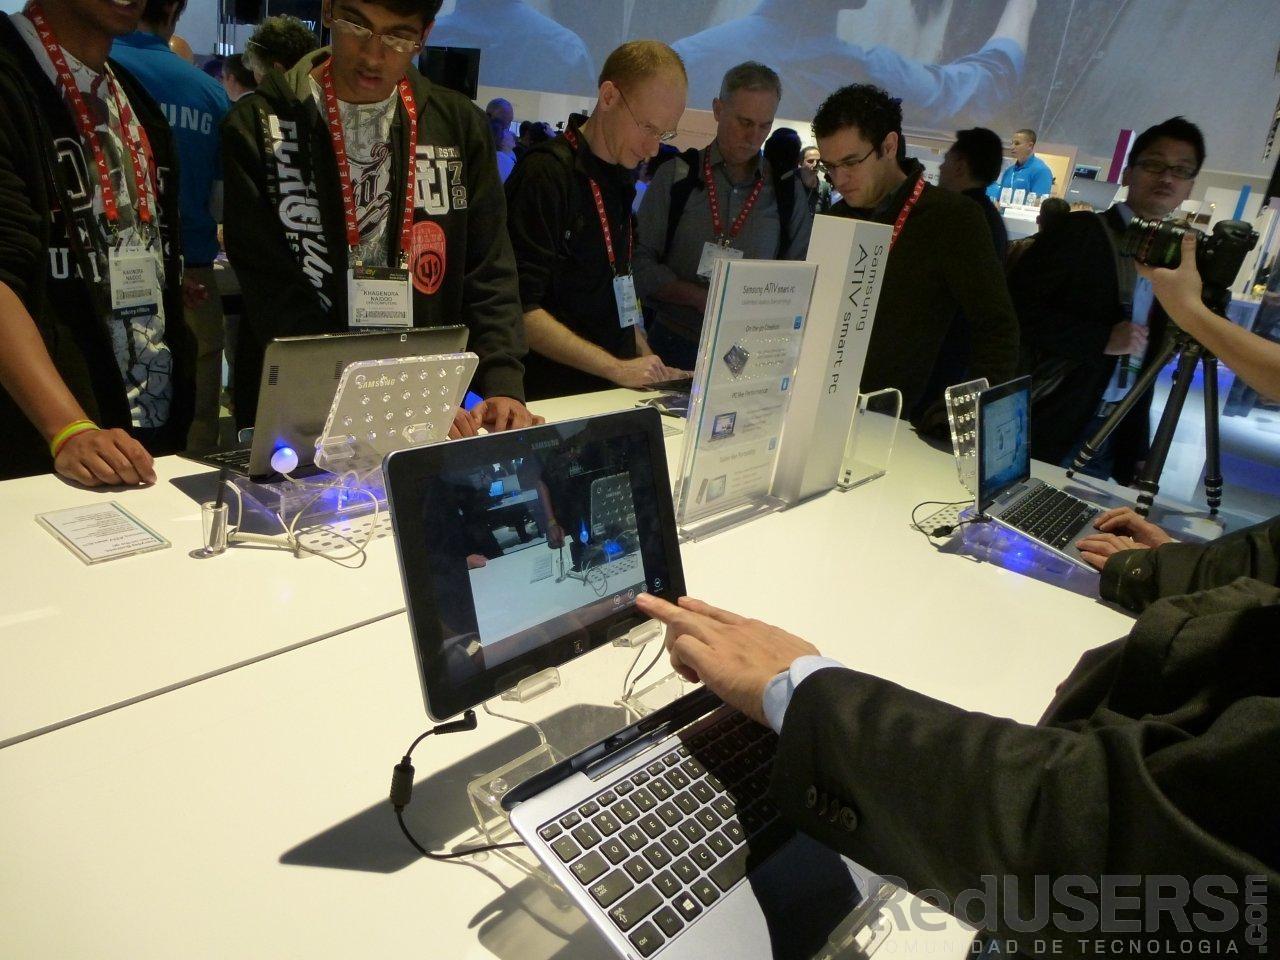 Los asistentes, probando a fondo la ATIV Smart PC